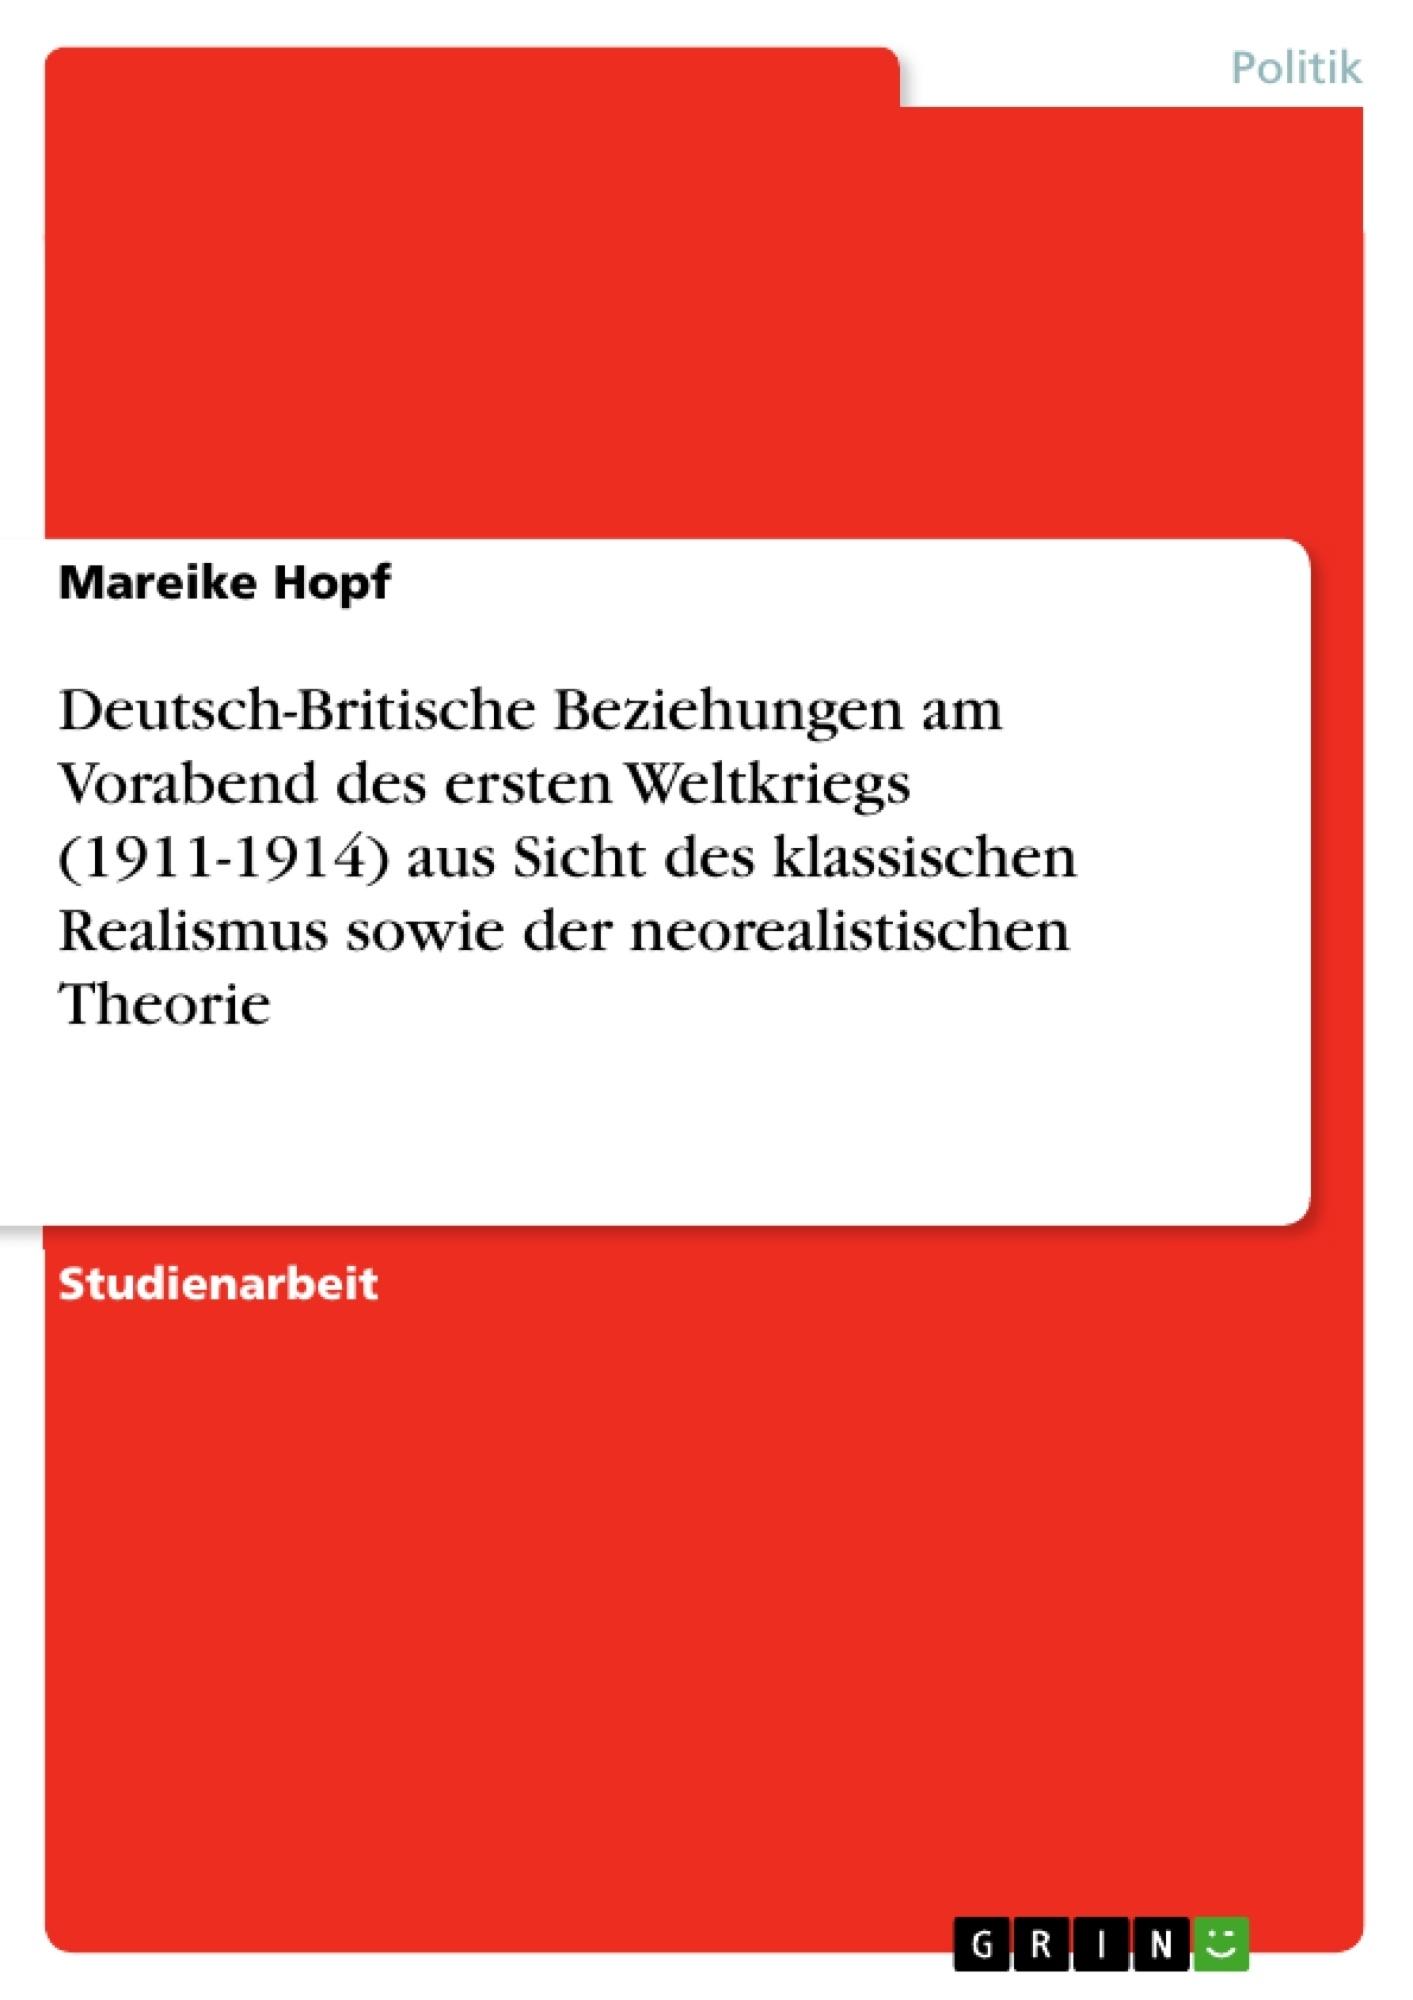 Titel: Deutsch-Britische Beziehungen am Vorabend des ersten Weltkriegs (1911-1914) aus Sicht des klassischen Realismus sowie der neorealistischen Theorie